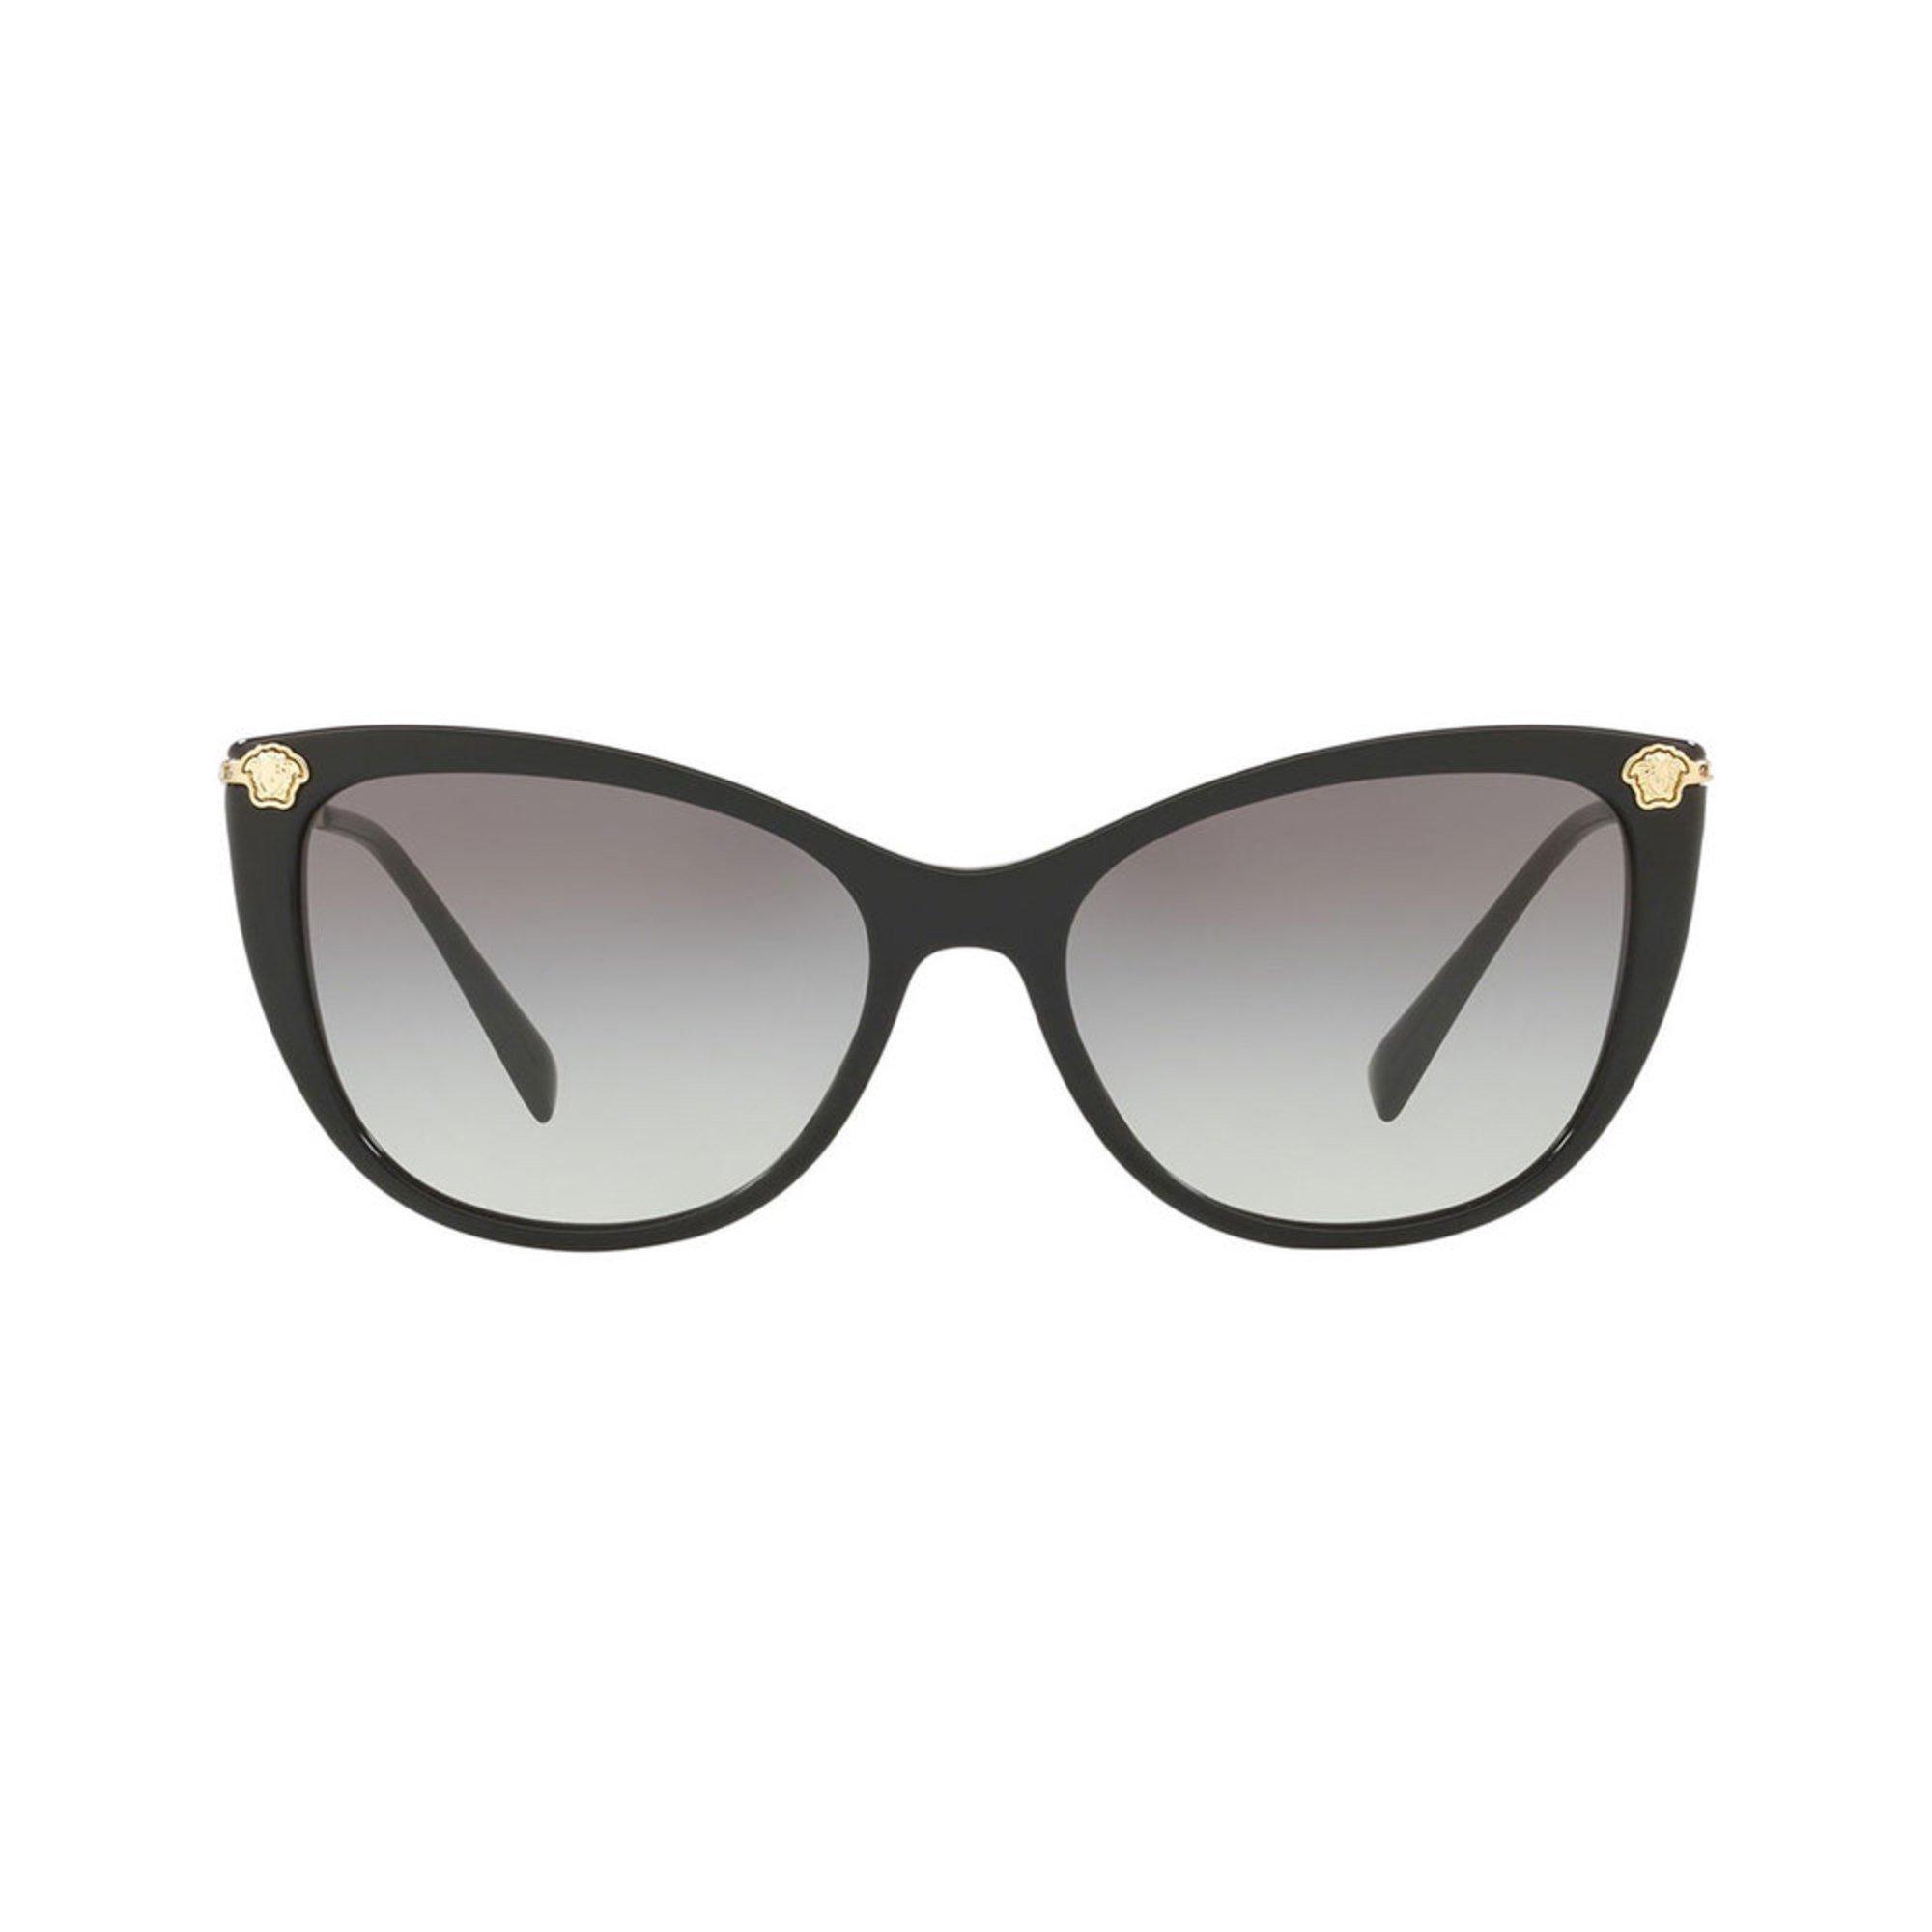 b7514cf2869 Versace. Versace Women s Cat Eye Sunglasses